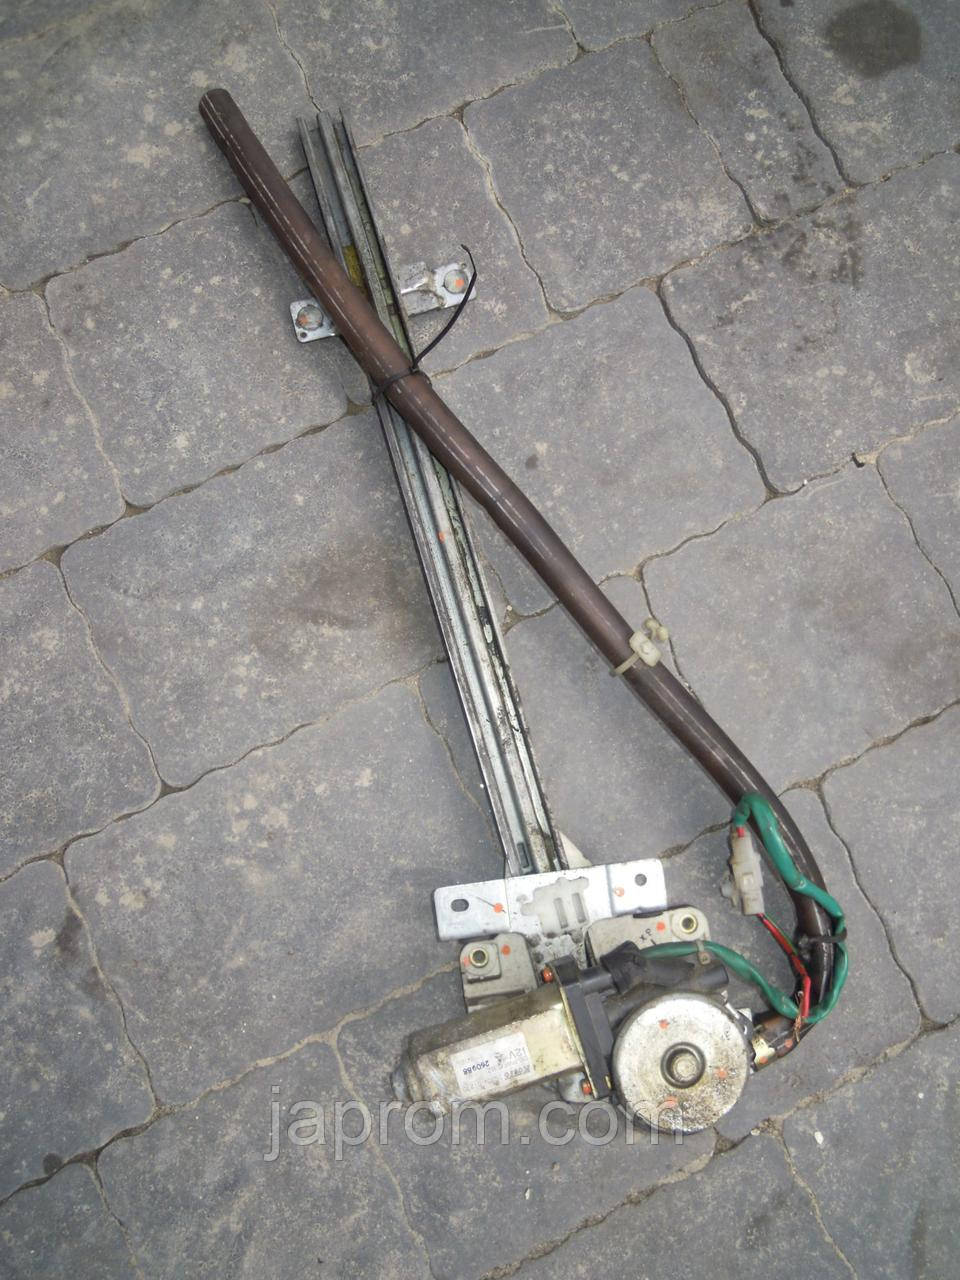 Стеклоподъемник передний правый электрический Mazda MPV (I) 1989-1999 г.в.